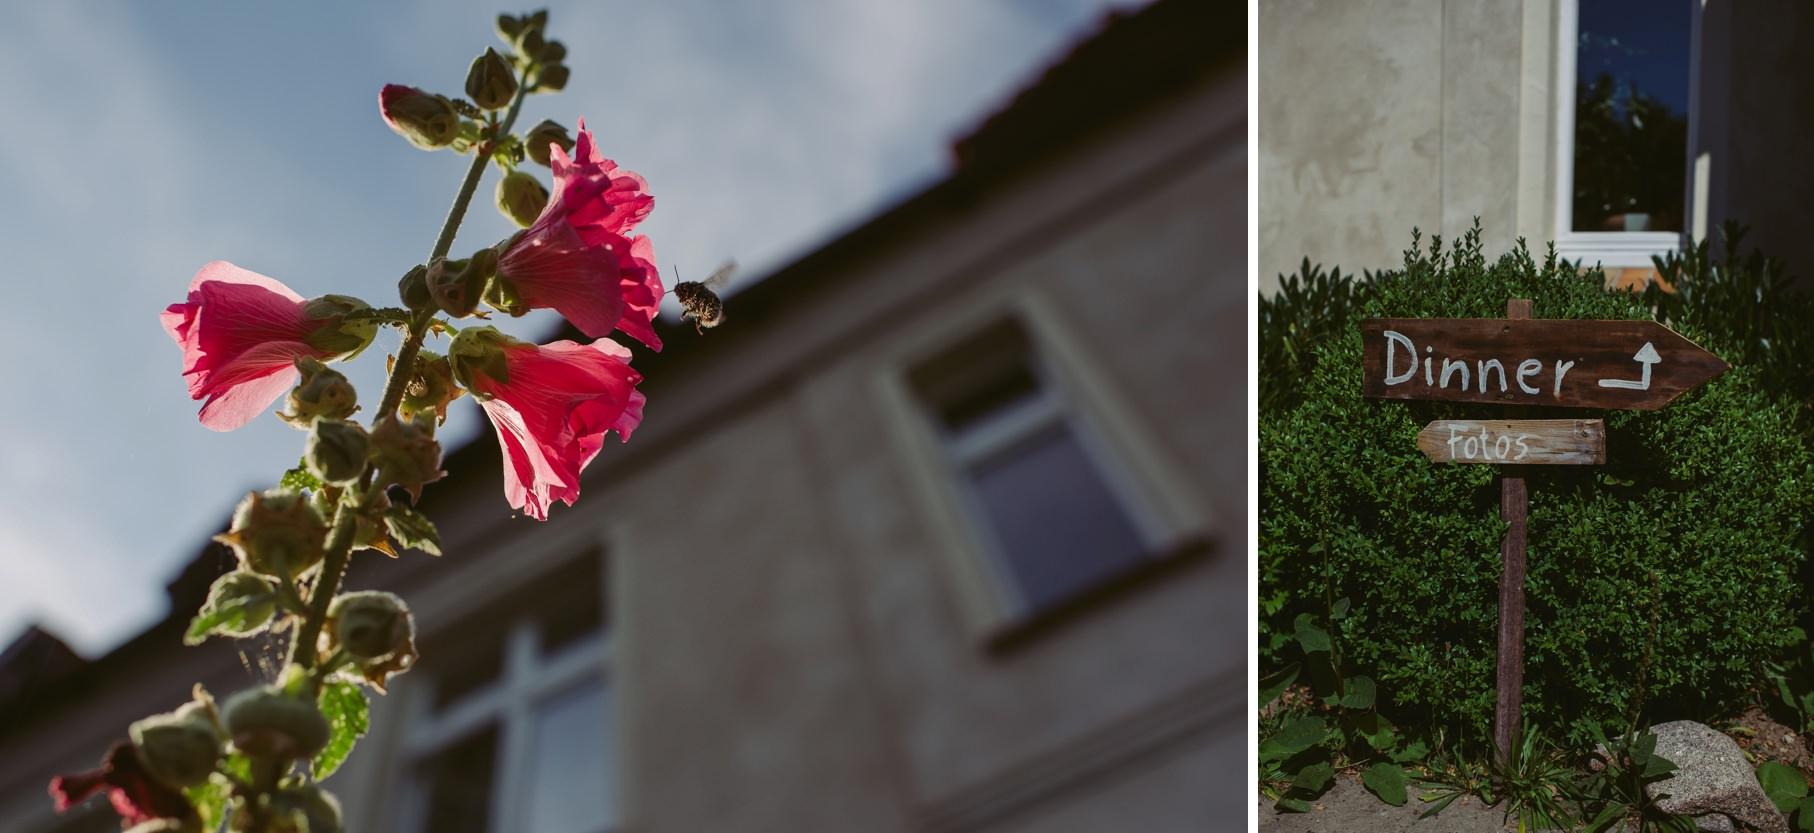 0088 schloss neuhausen hochzeitsfotograf hamburg anne bjoern - Hochzeit auf Schloss Neuhausen - Anne & Sebastian